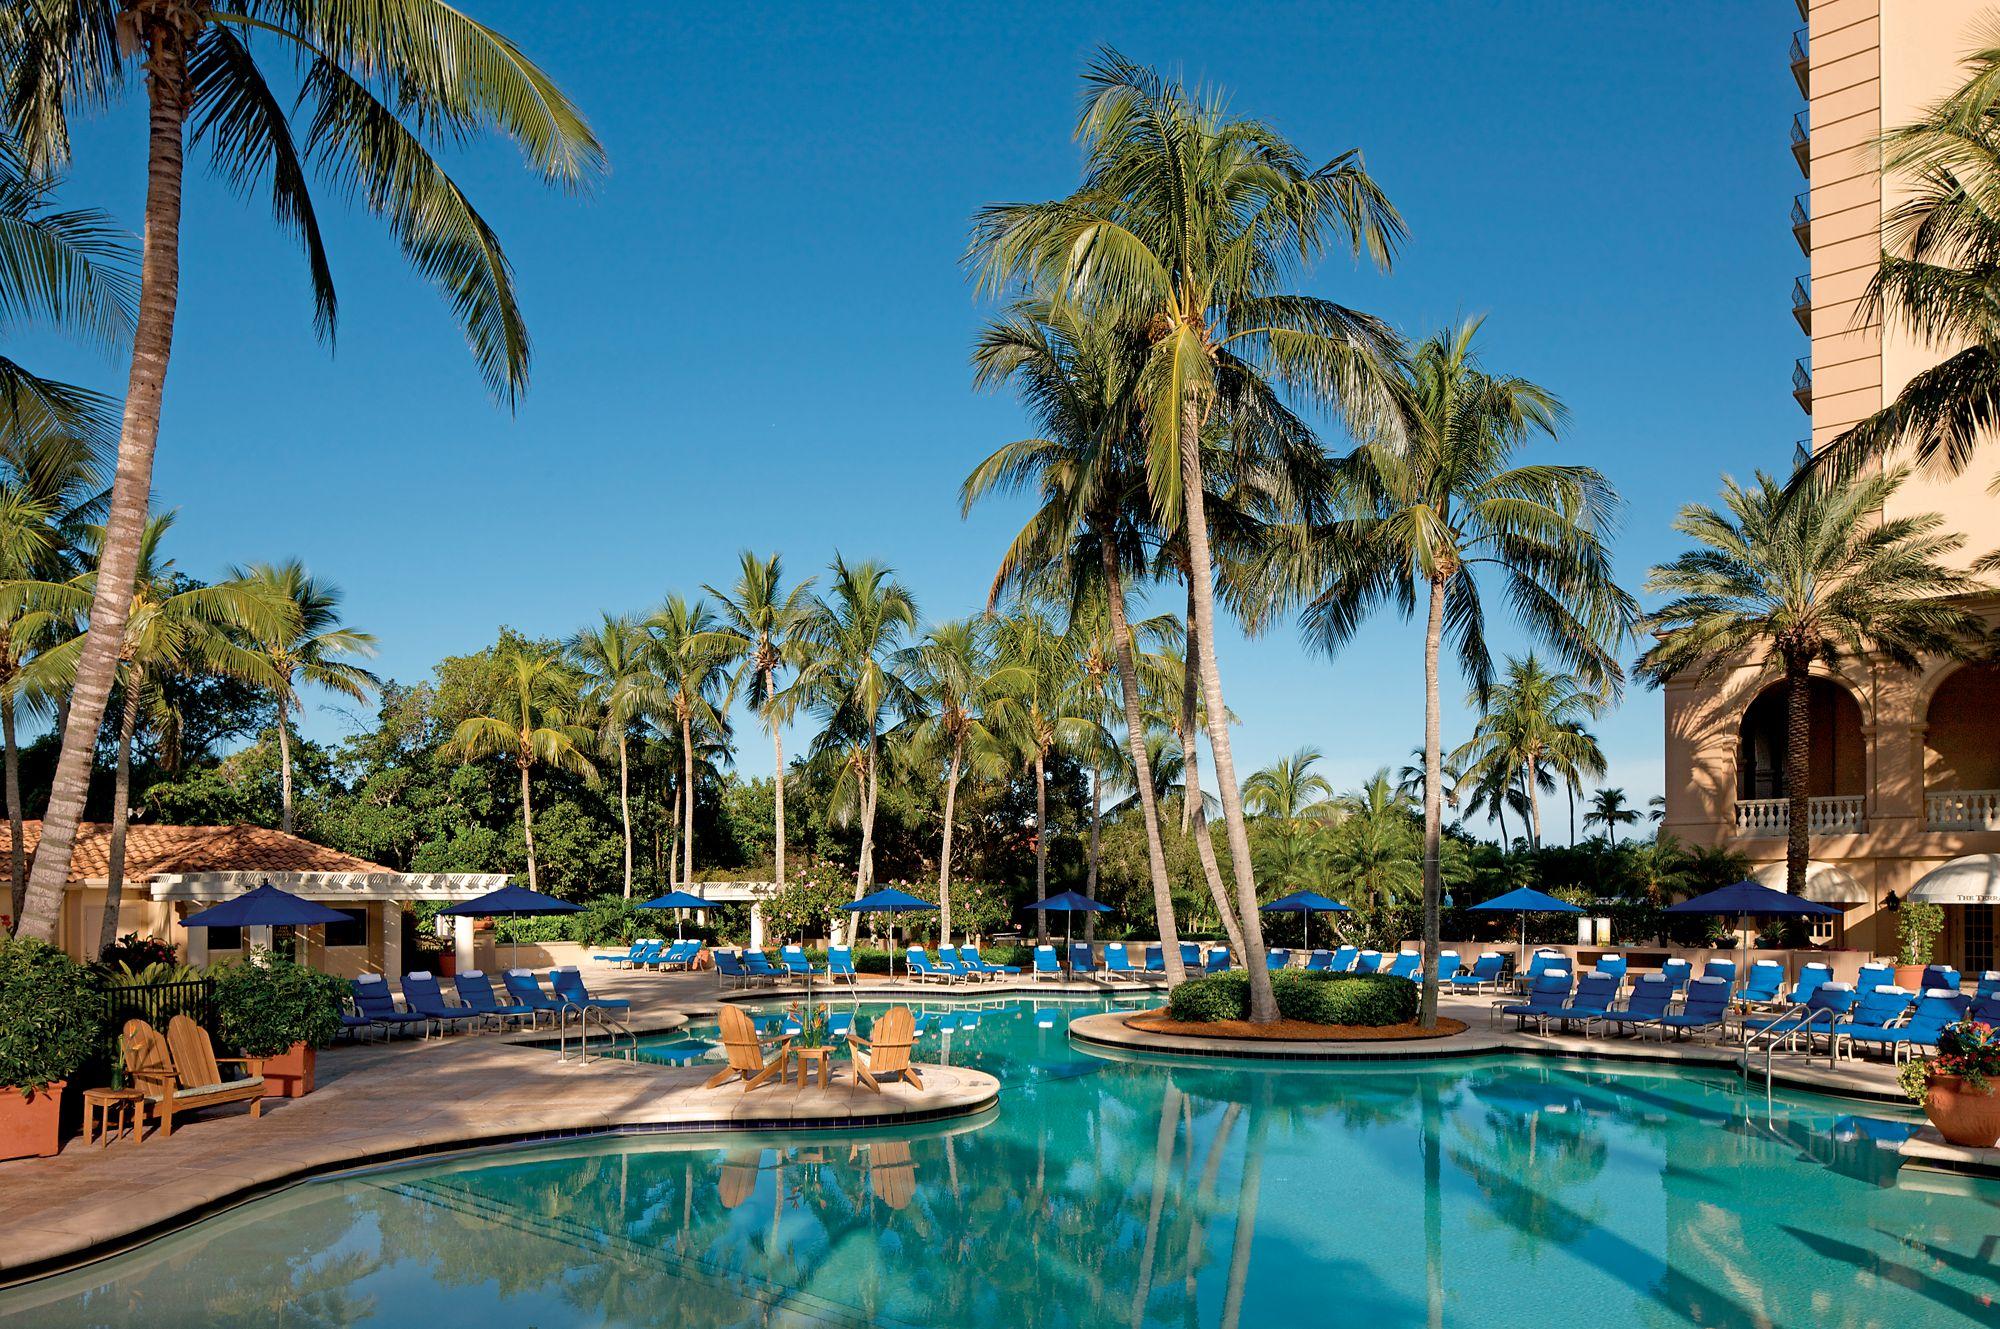 Ritz Carlton - Naples, Florida